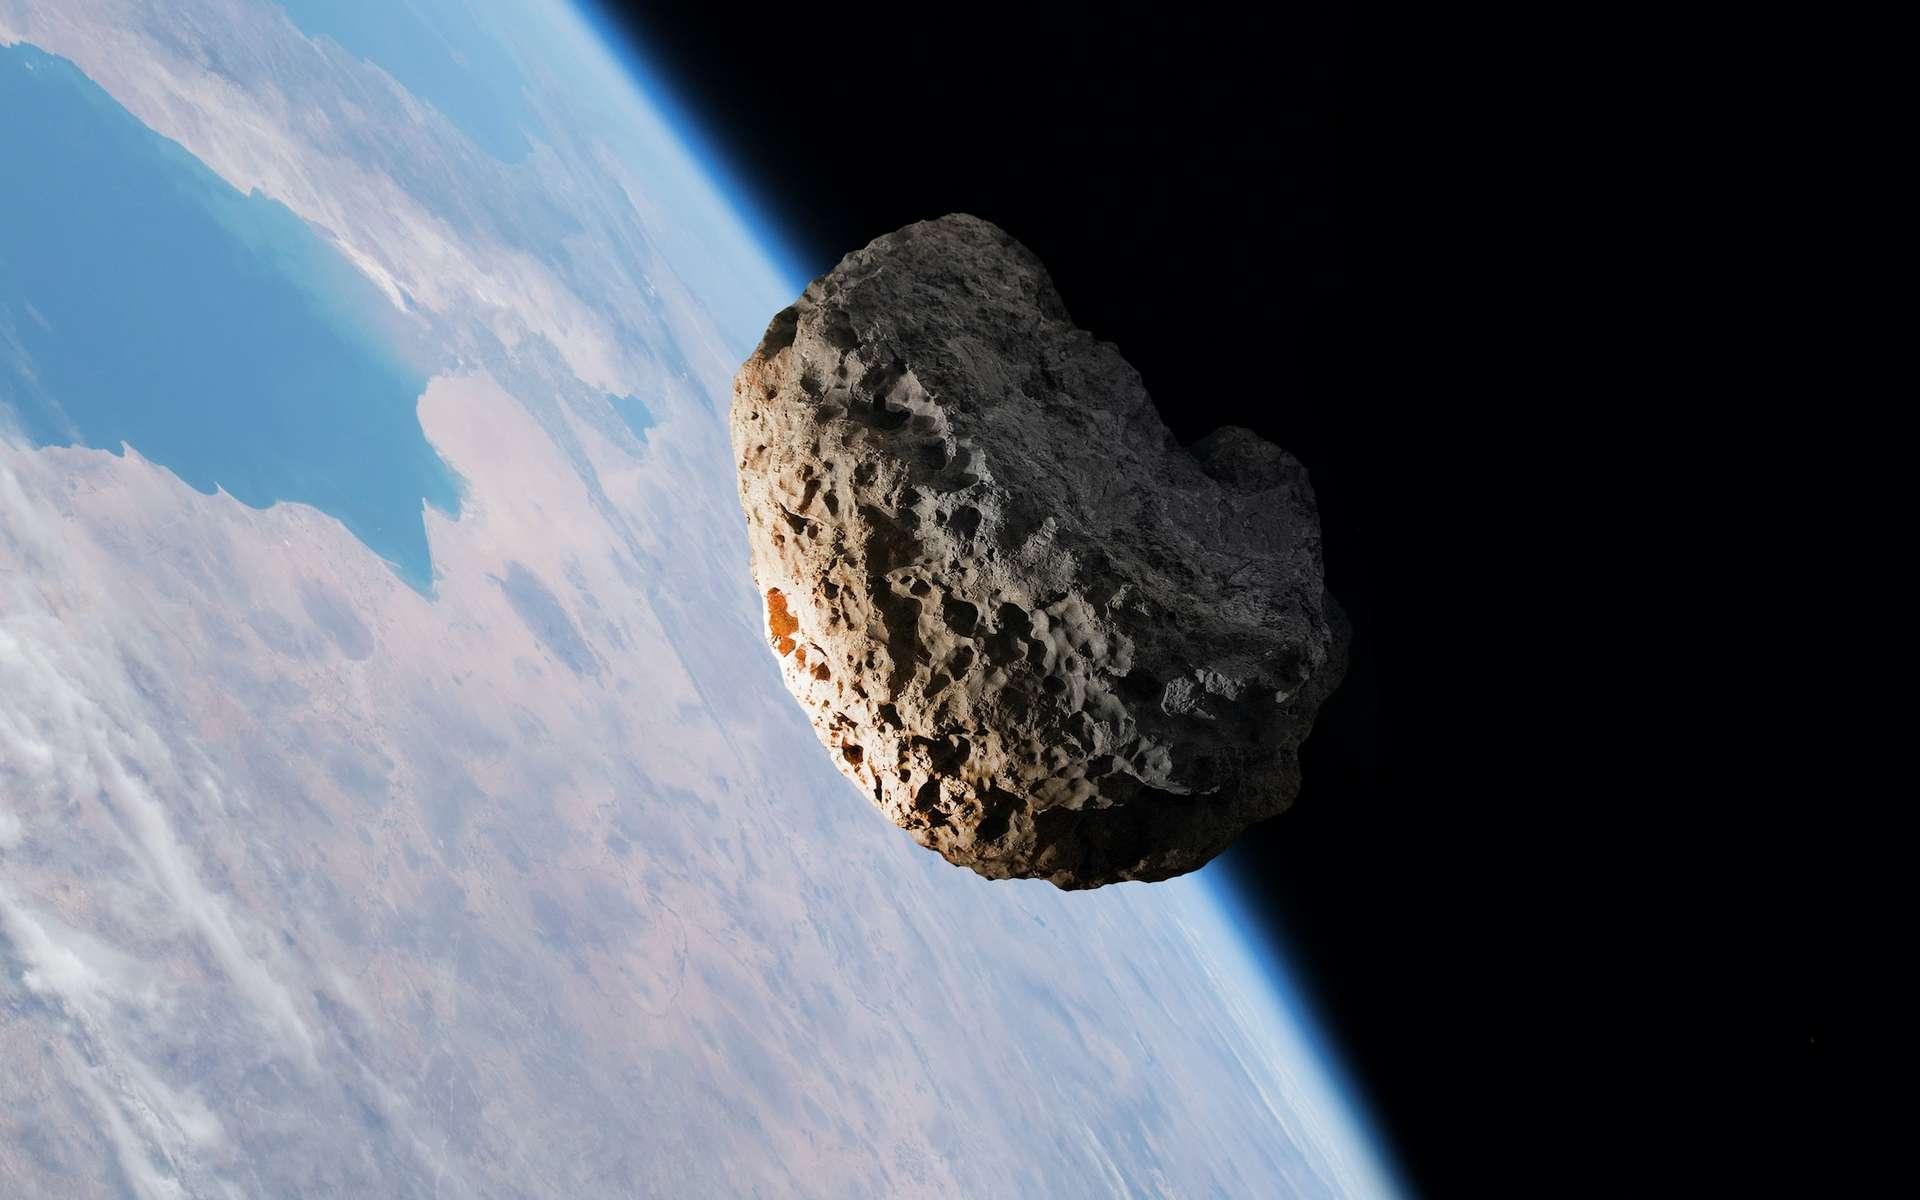 Vue d'artiste d'un astéroïde passant à proximité de la Terre. © tangoas, Adobe Stock